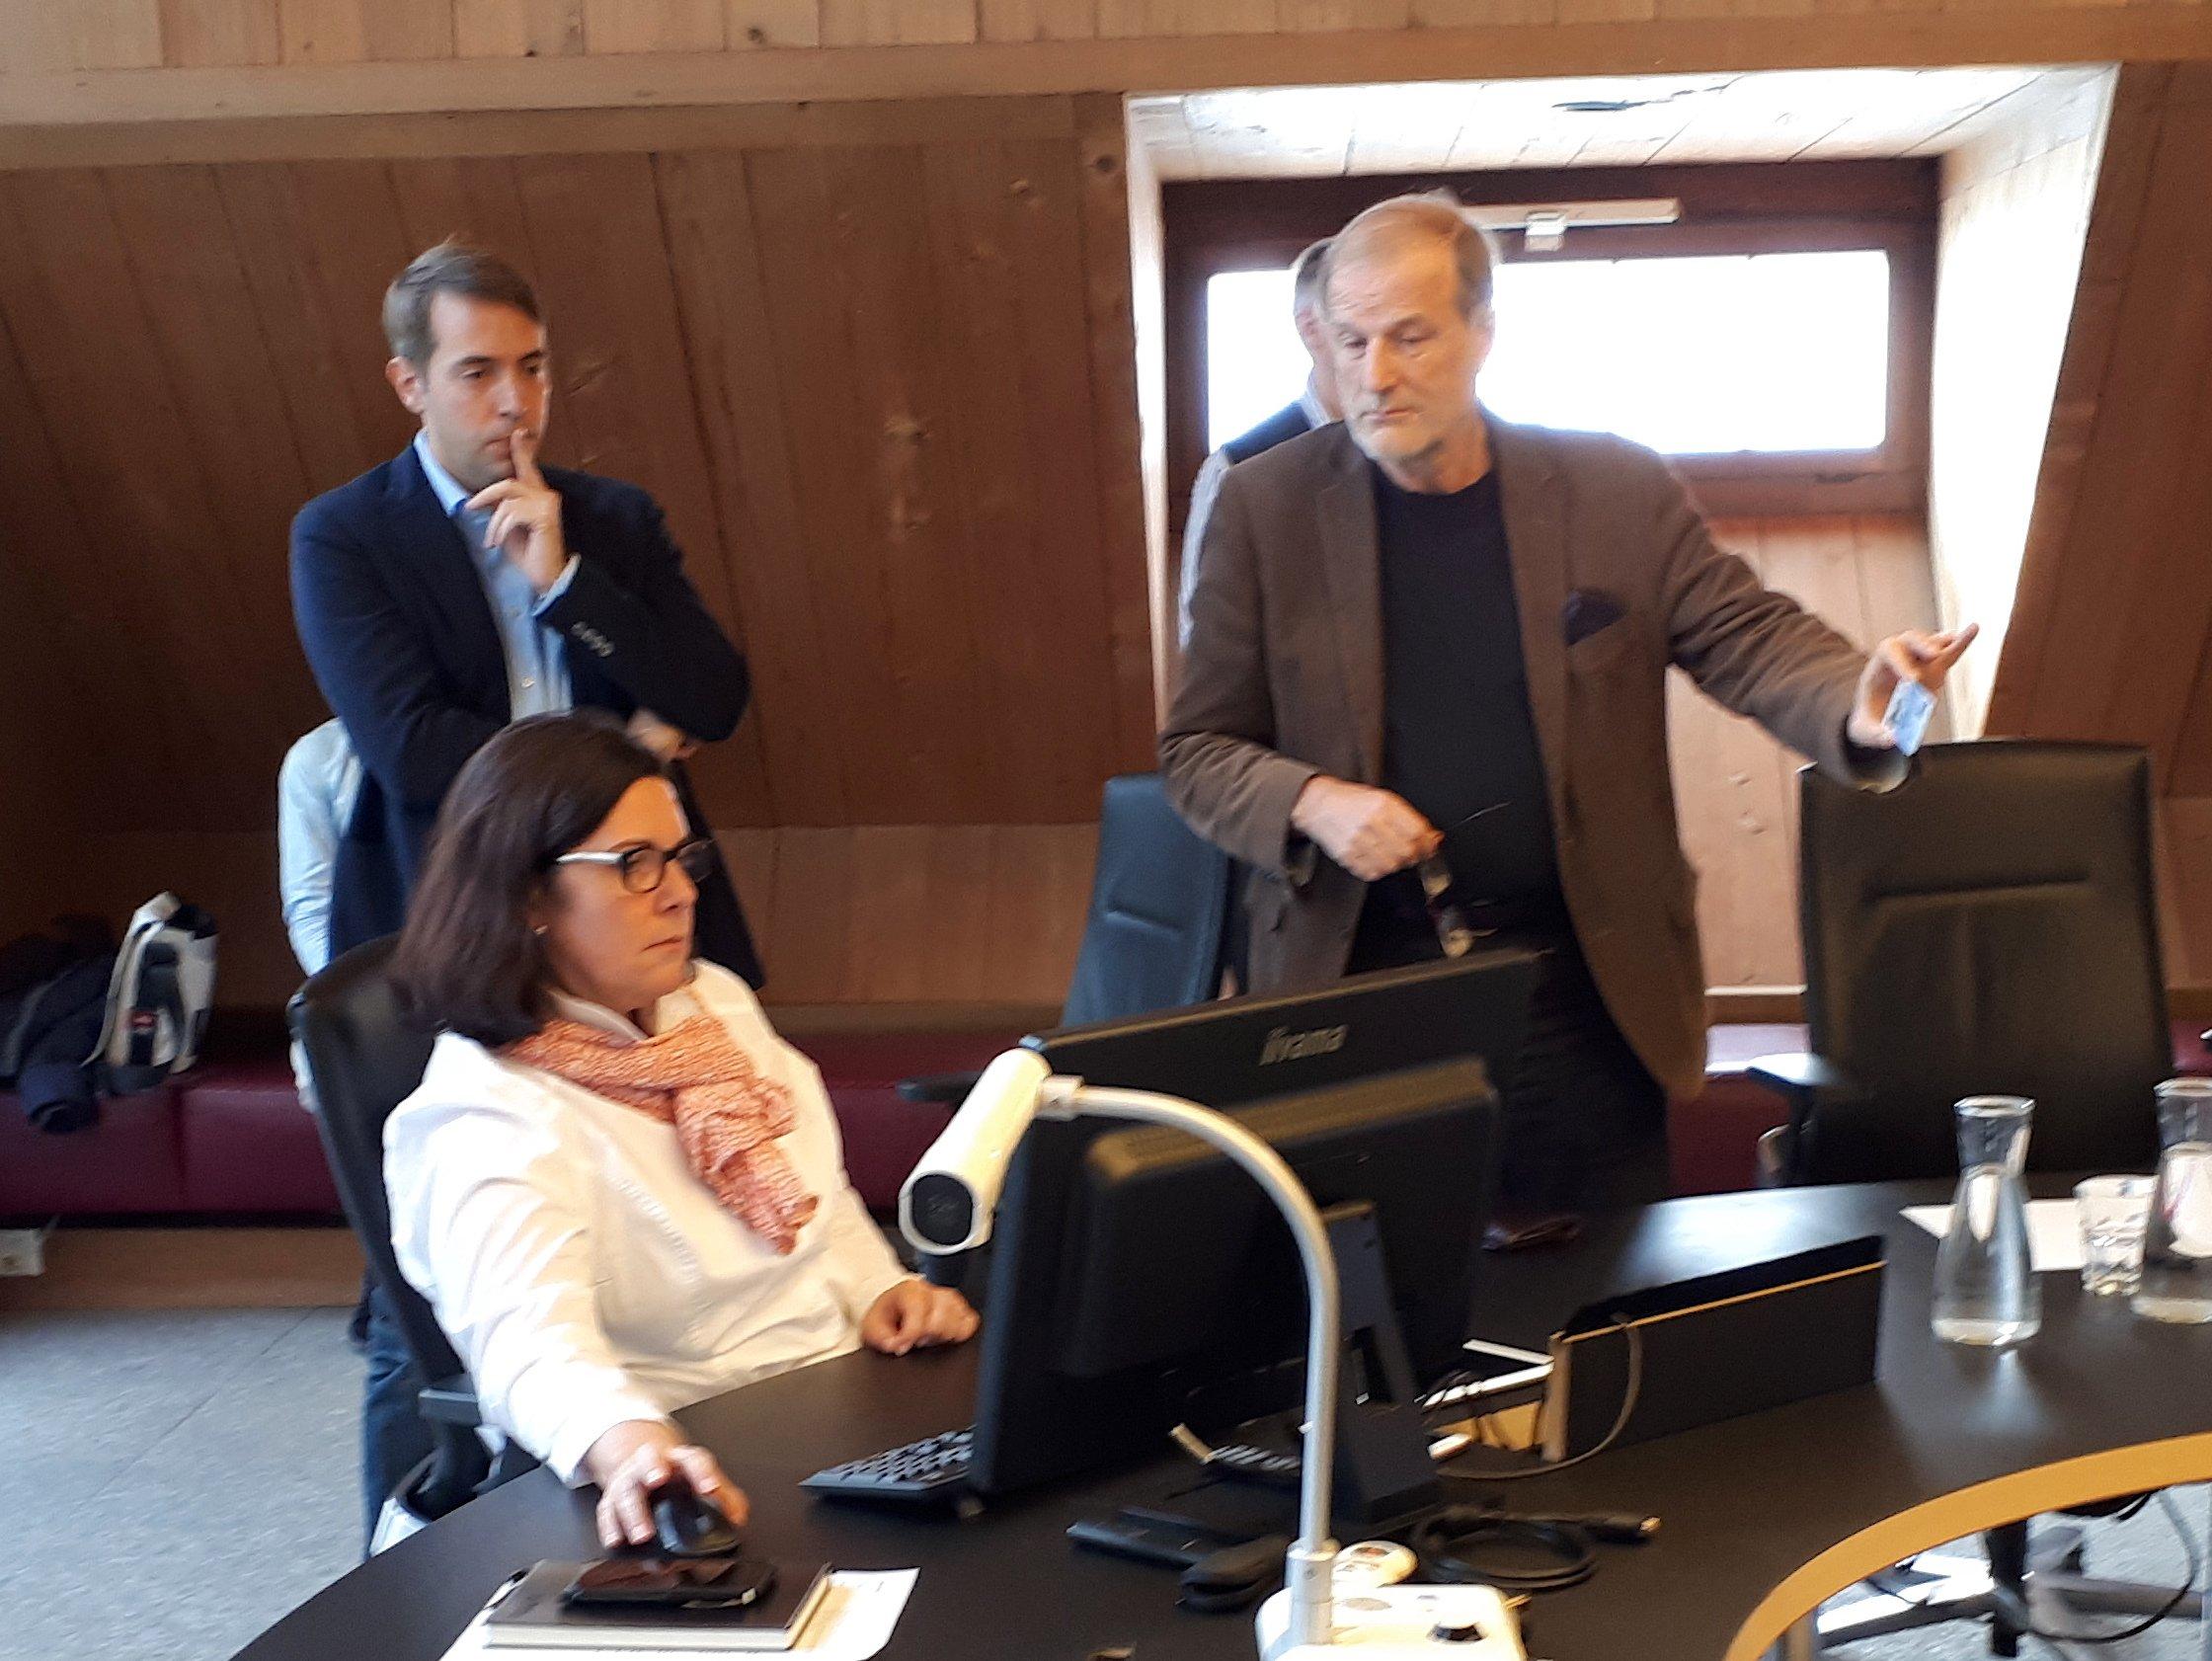 Beglaubigen eine digitale Identität: Nico Meier von der Entwicklerfirma Ti&m (links), Mélanie Schenker von der Einwohnerkontrolle Zug und Stapi Dolfi Müller.